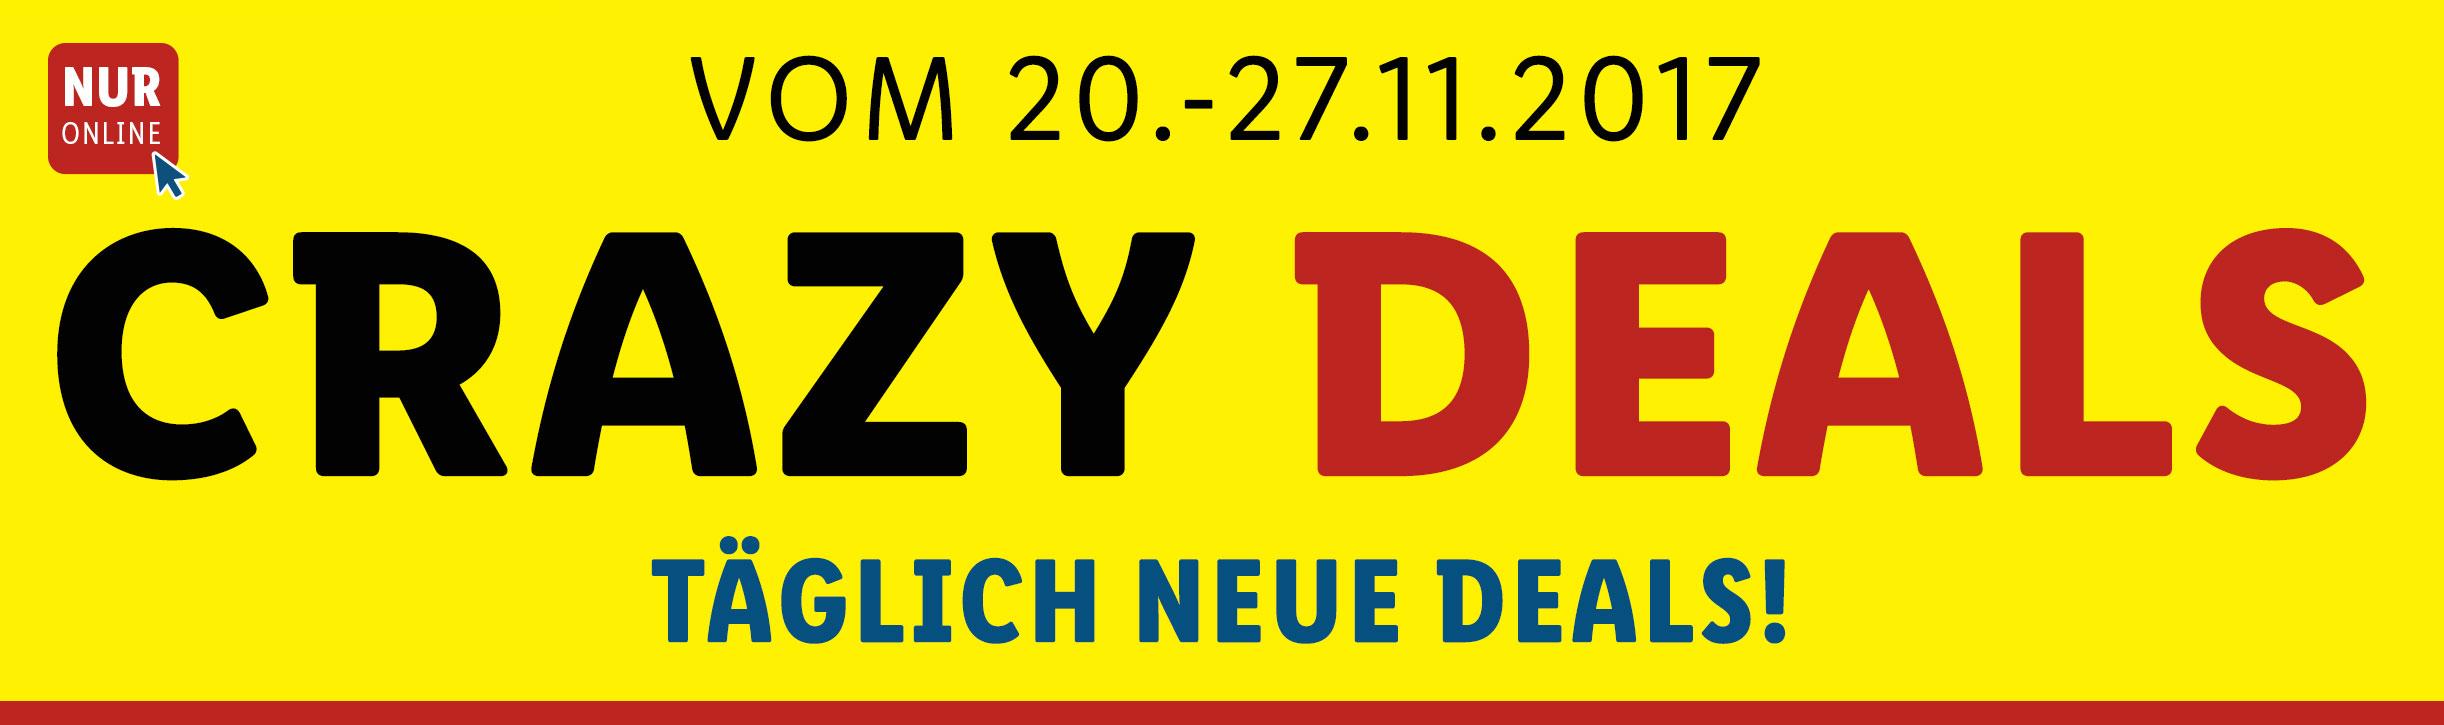 [LIDL online] LIDL Crazydeals vom 20.11.-27.11.2017, täglich neue Angebote und Rabatte